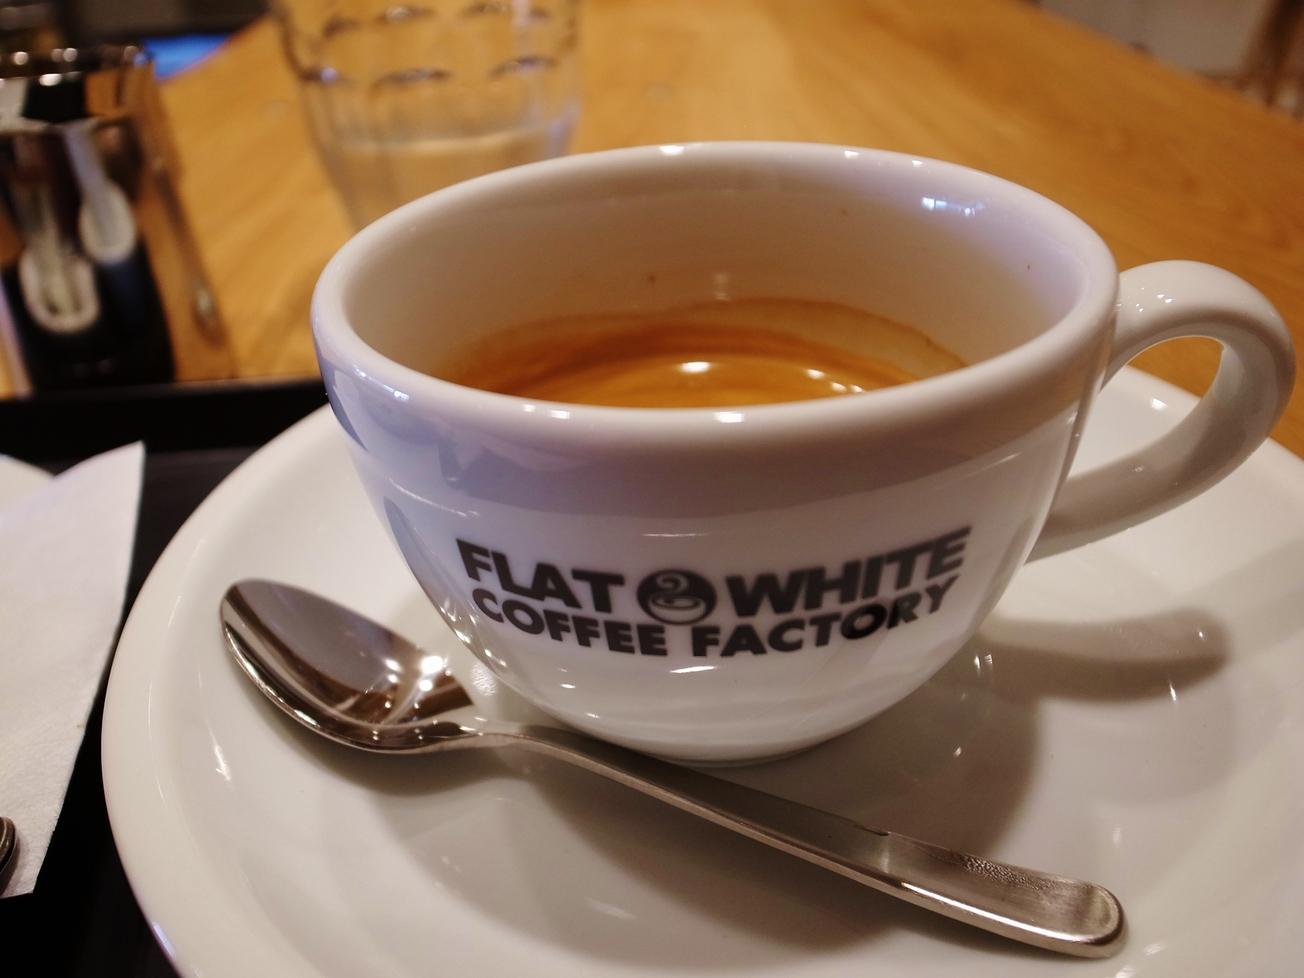 フラット ホワイト コーヒー ファクトリー ダウンタウン店